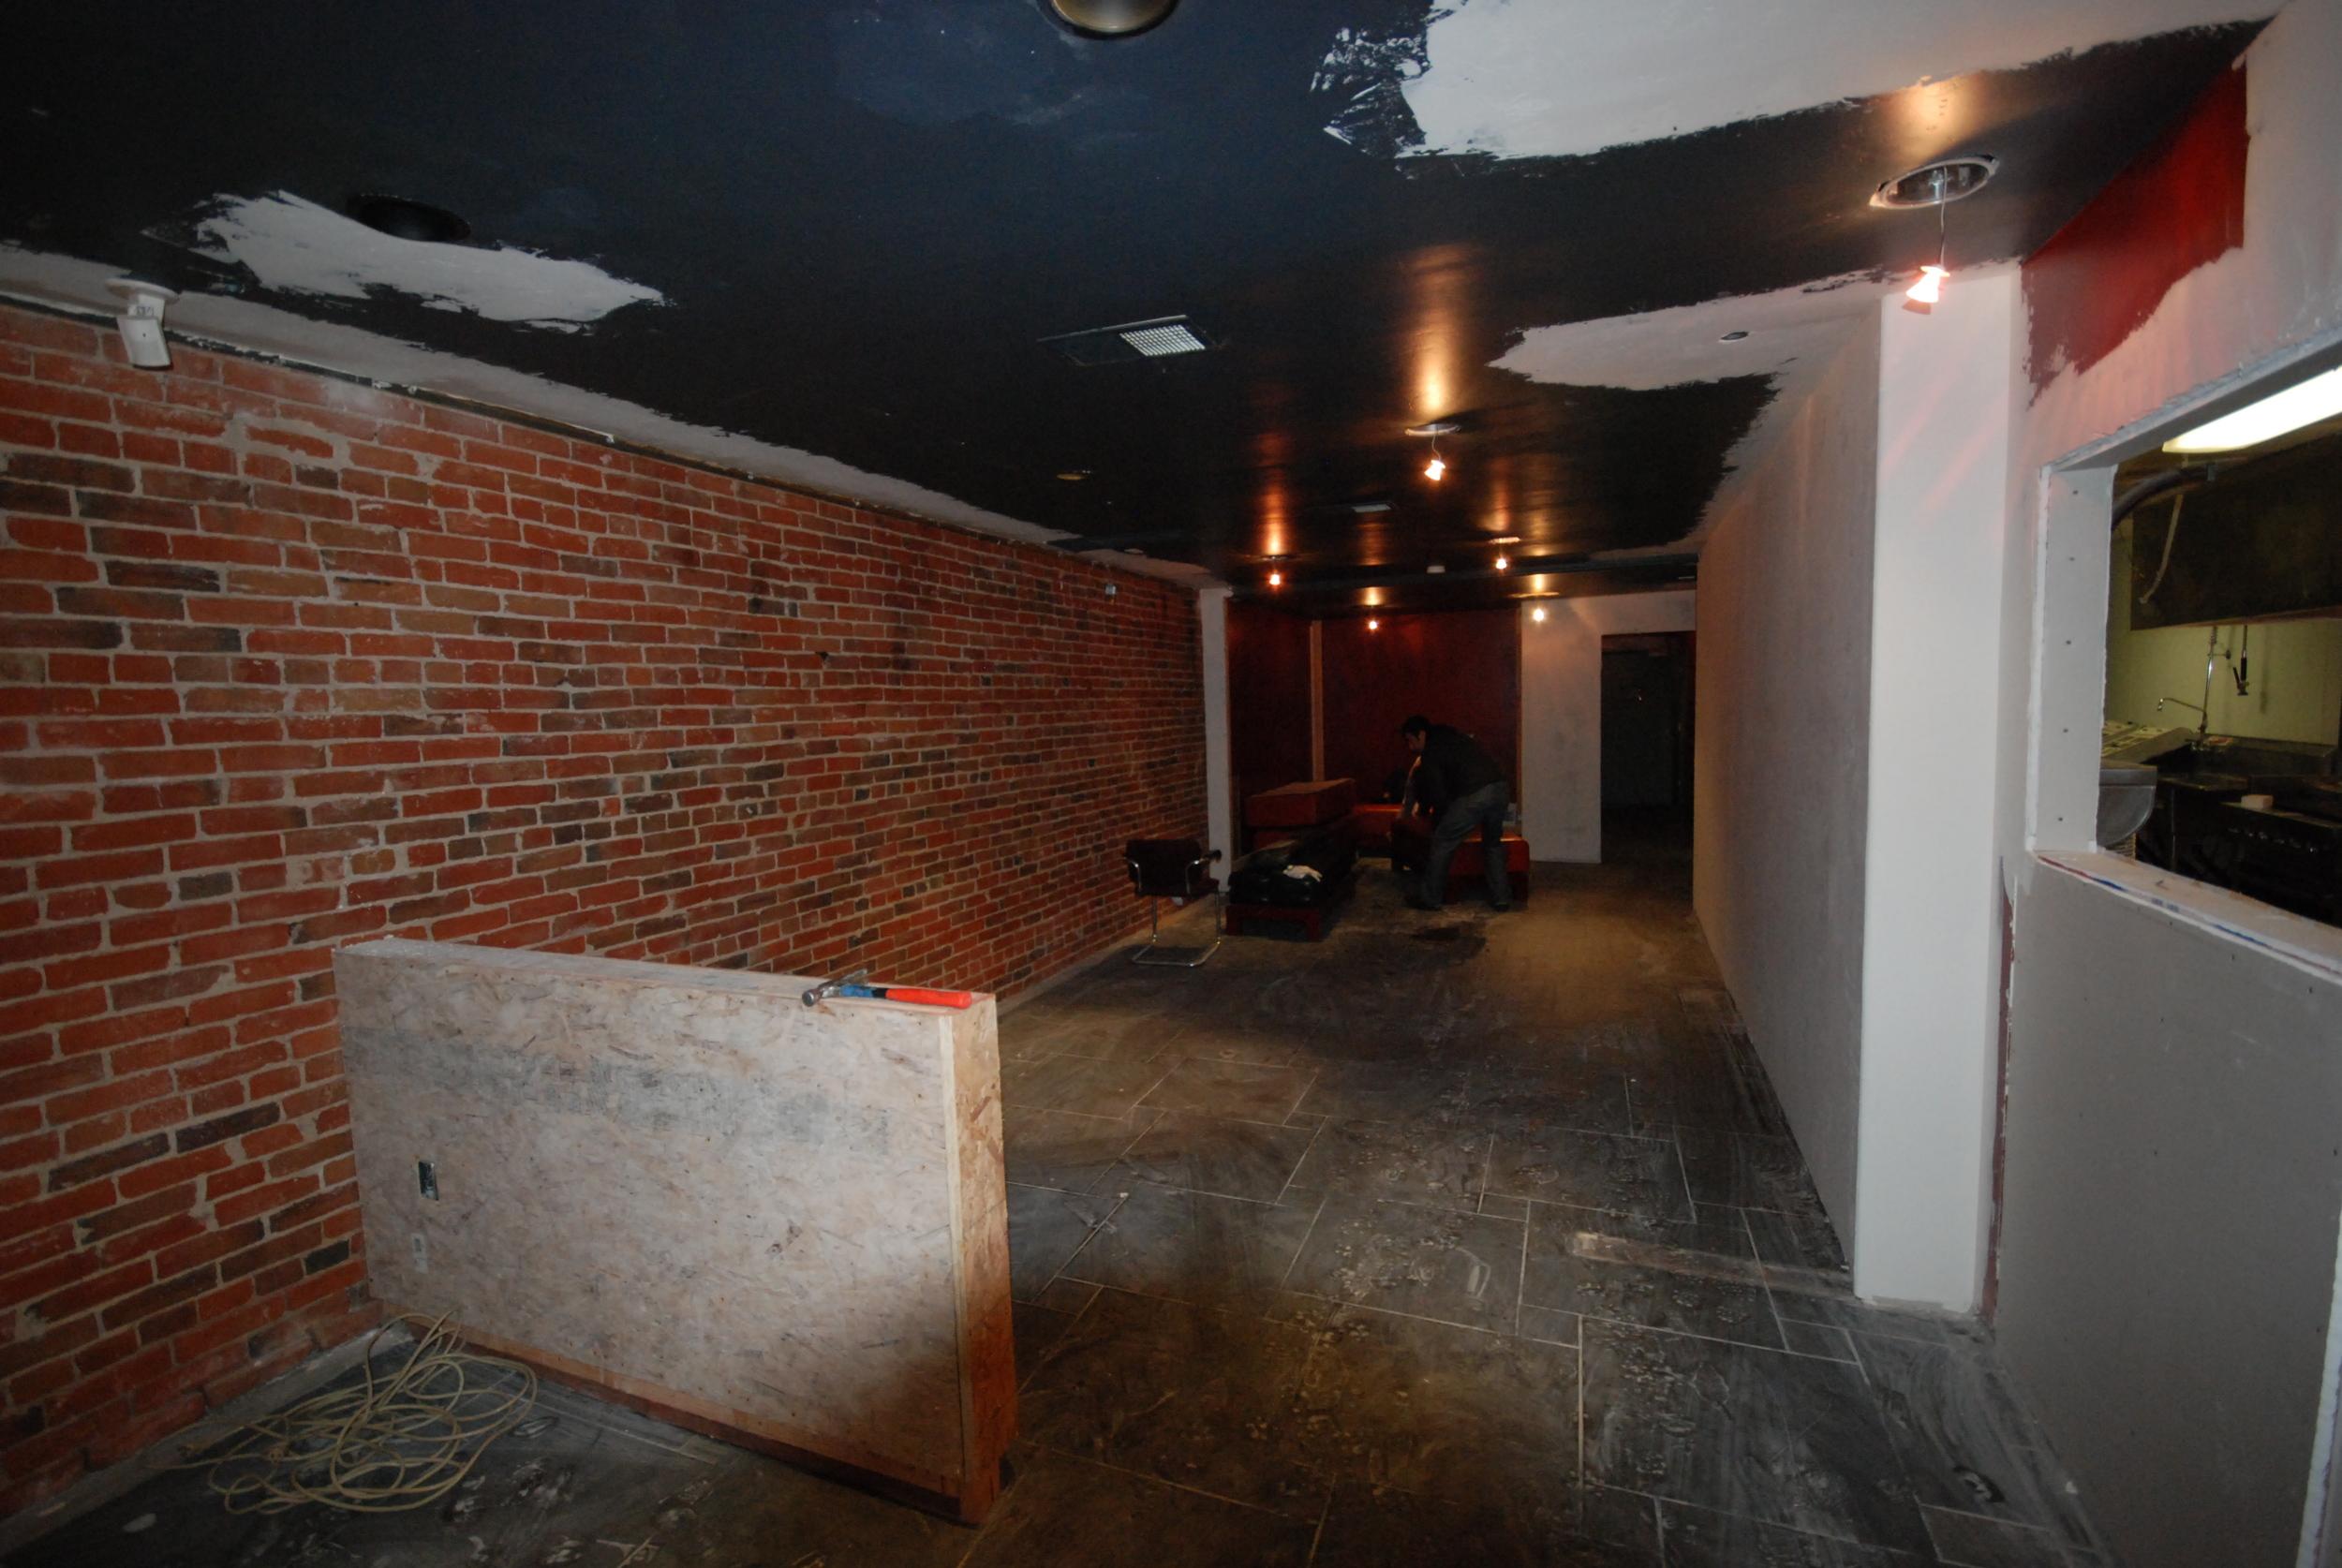 10_architecture interior design san diego gaslamp restaurant cafe 21 point of departure.jpg